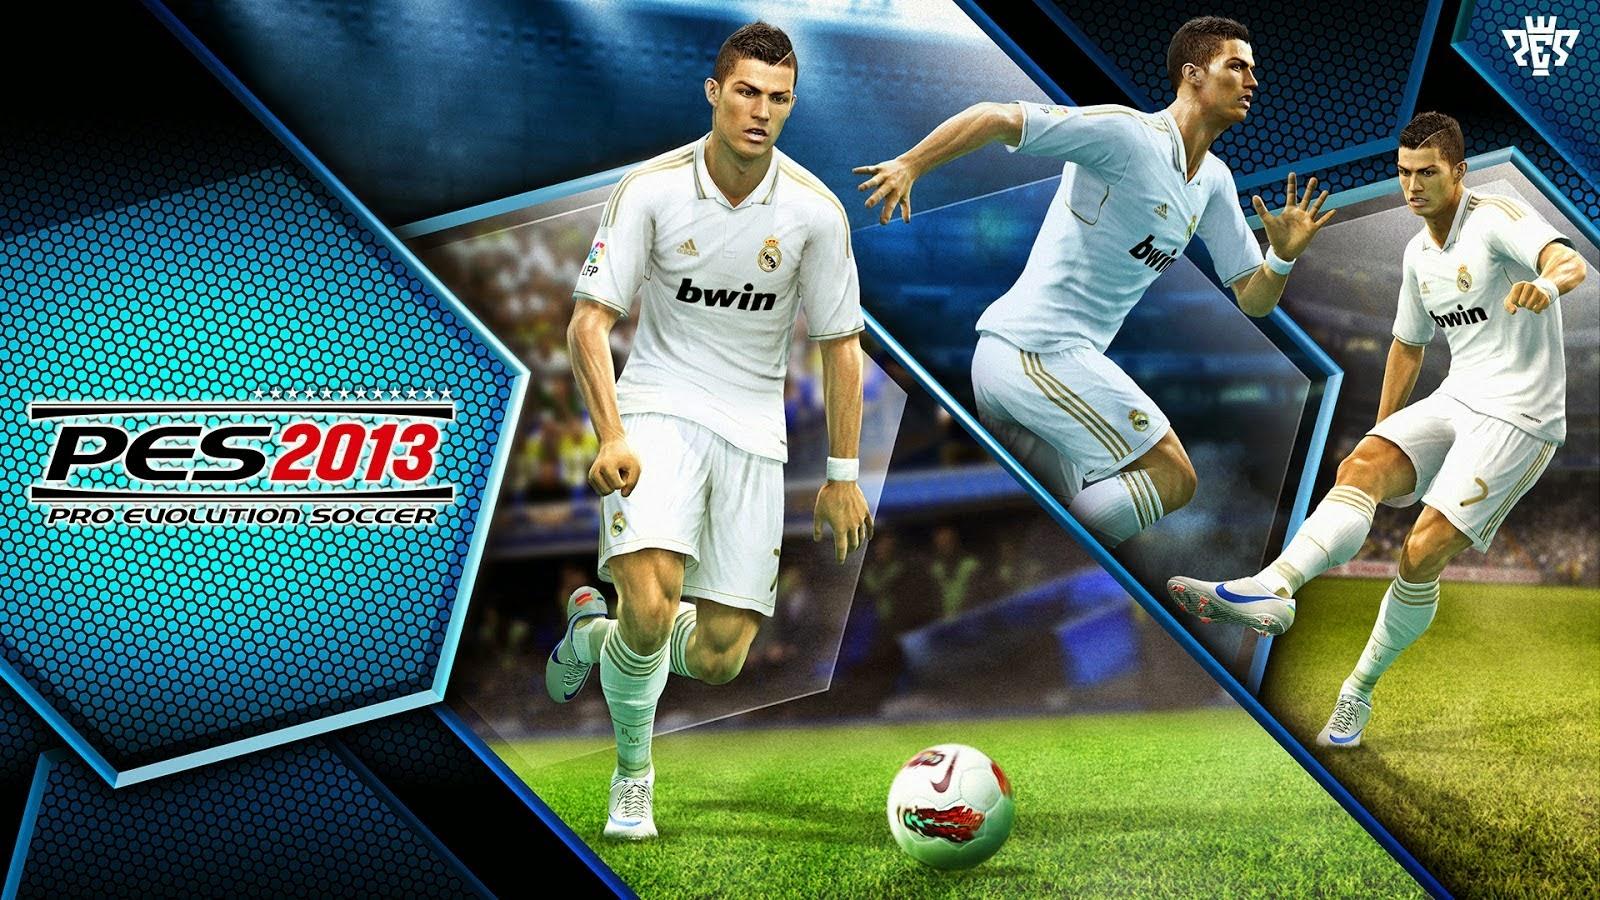 Download Transfer Pemain 2014-2015 PES 2013 + Update Kits